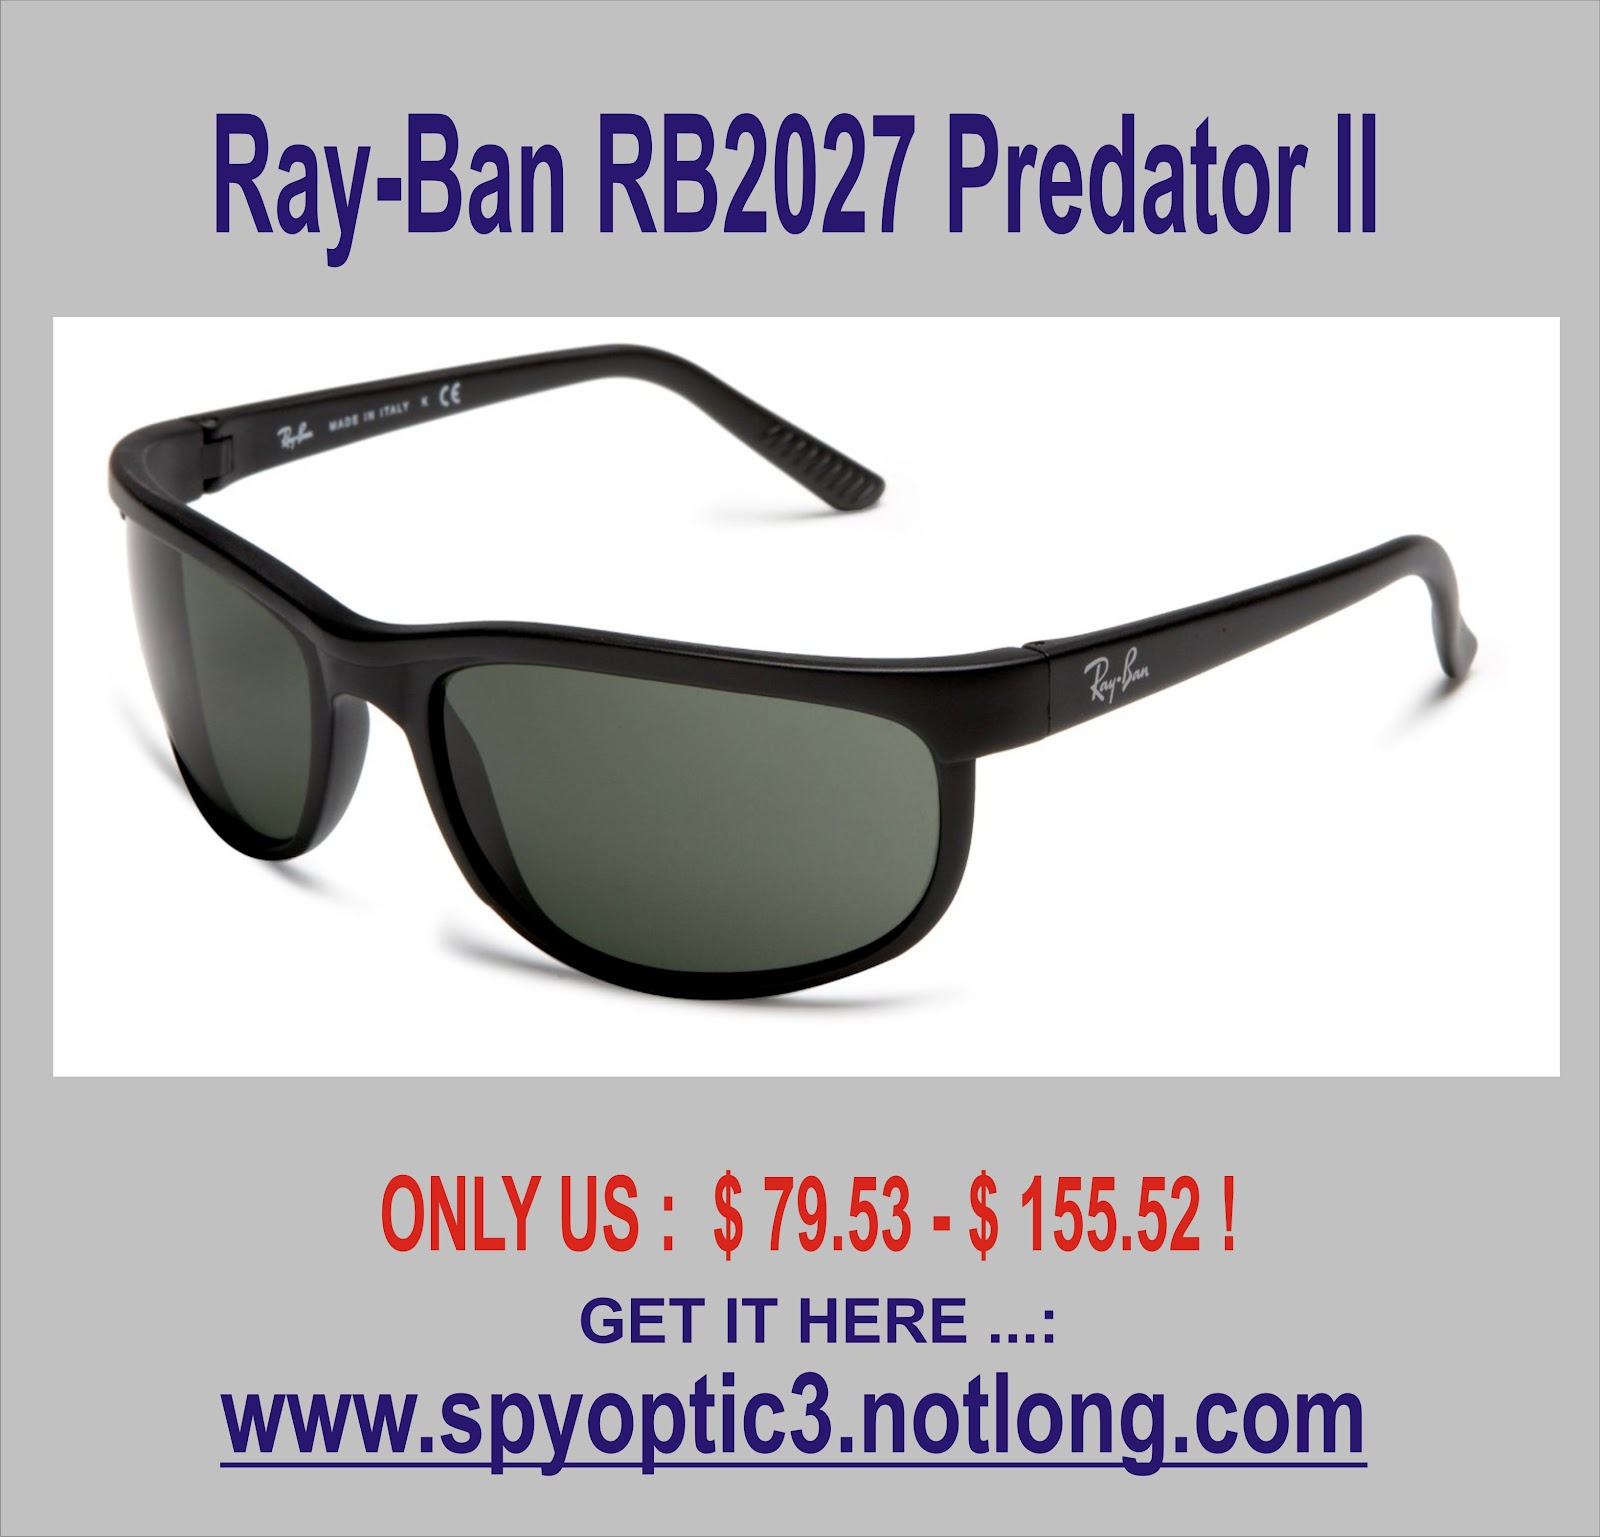 http://4.bp.blogspot.com/-VaLOuXsPVgs/UED2G66AfyI/AAAAAAAABKQ/GGKL-Ulrq3c/s1600/Ray-Ban+RB2027+Predator+II+Sunglasses-+62mm.jpg